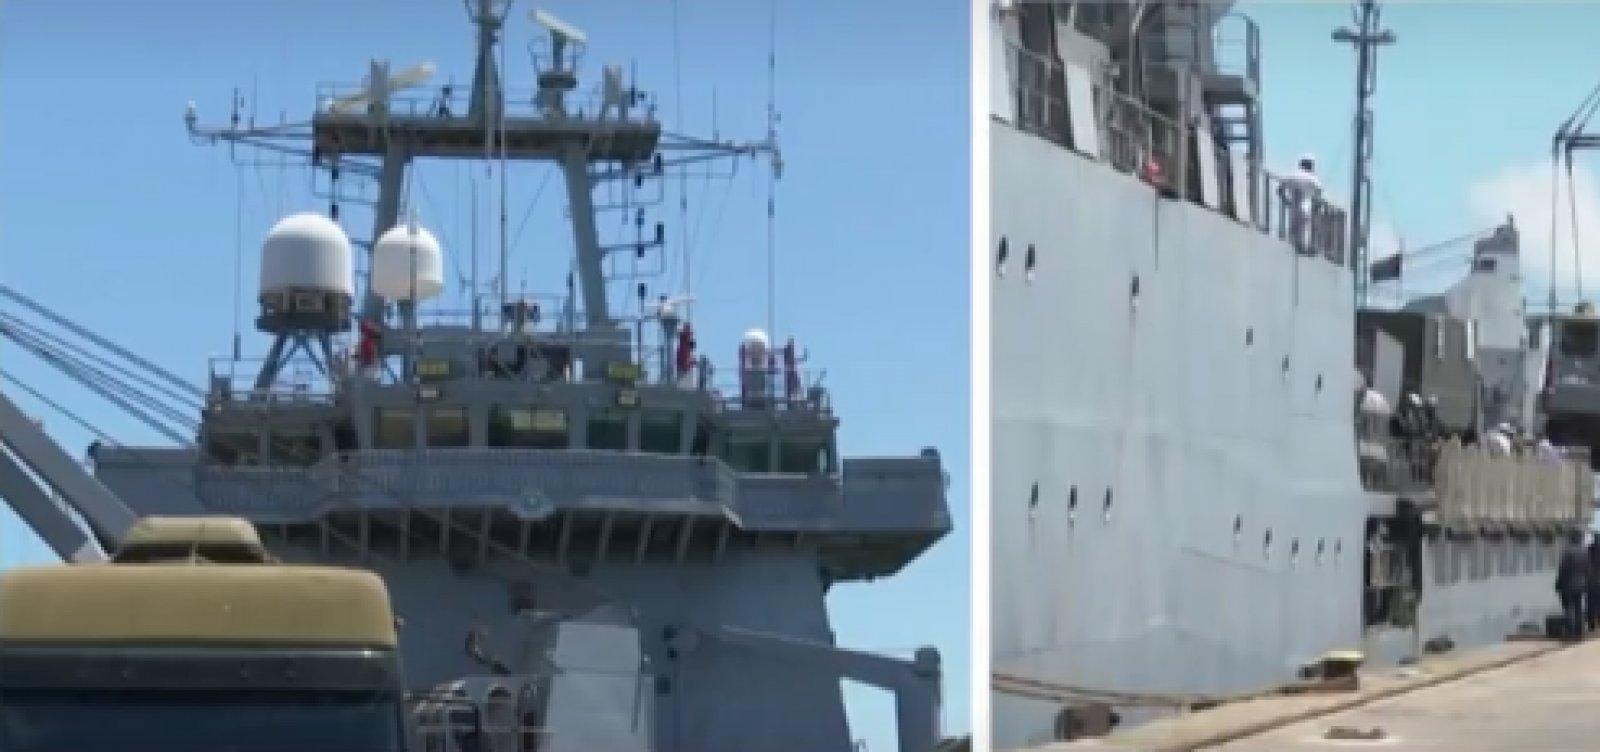 Embarcação com mais de 240 militares da Marinha chega a Ilhéus para limpeza das manchas de óleo